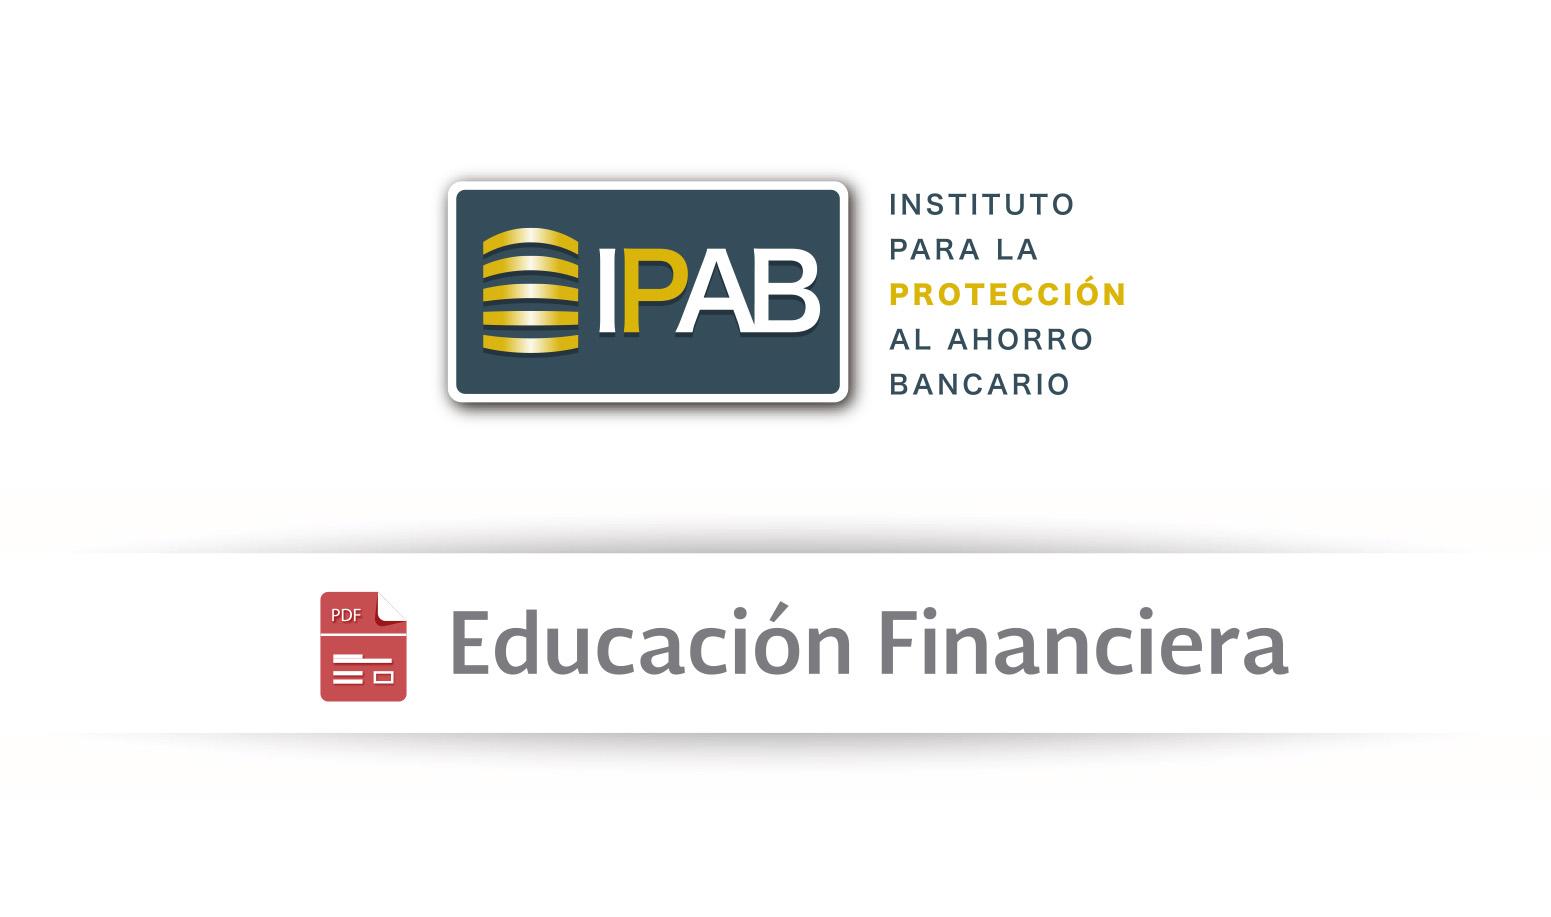 Educación Financiera.